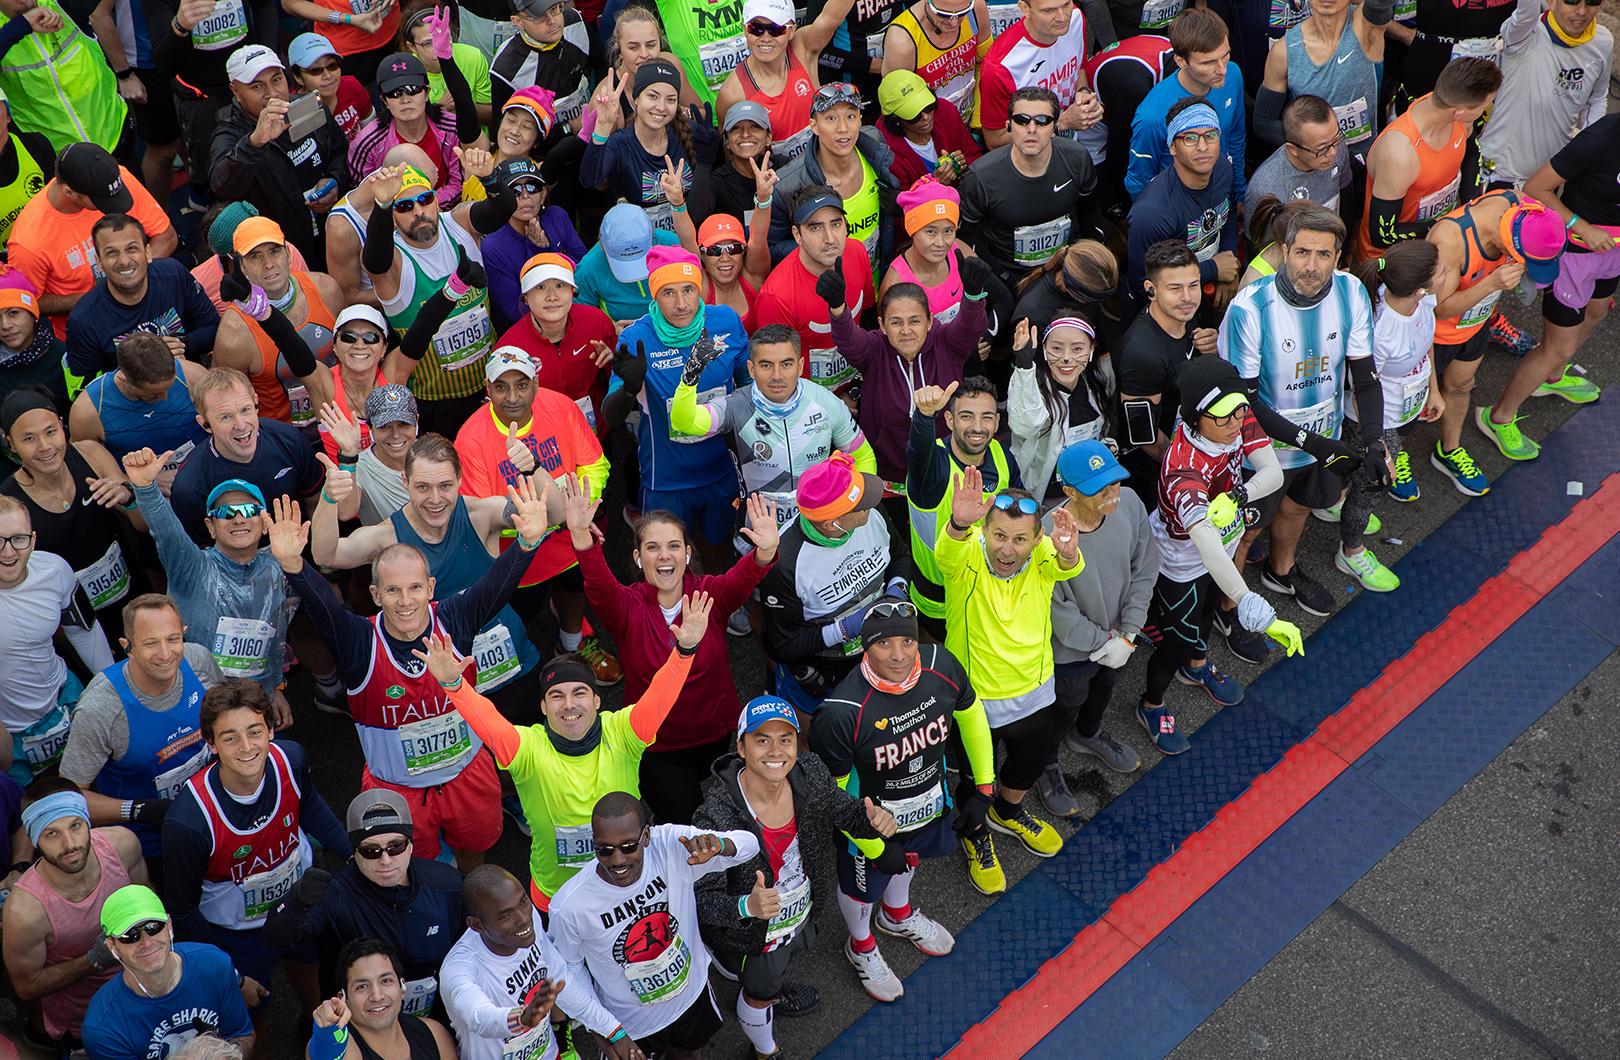 2019 TCS new York City Marathon runners at start